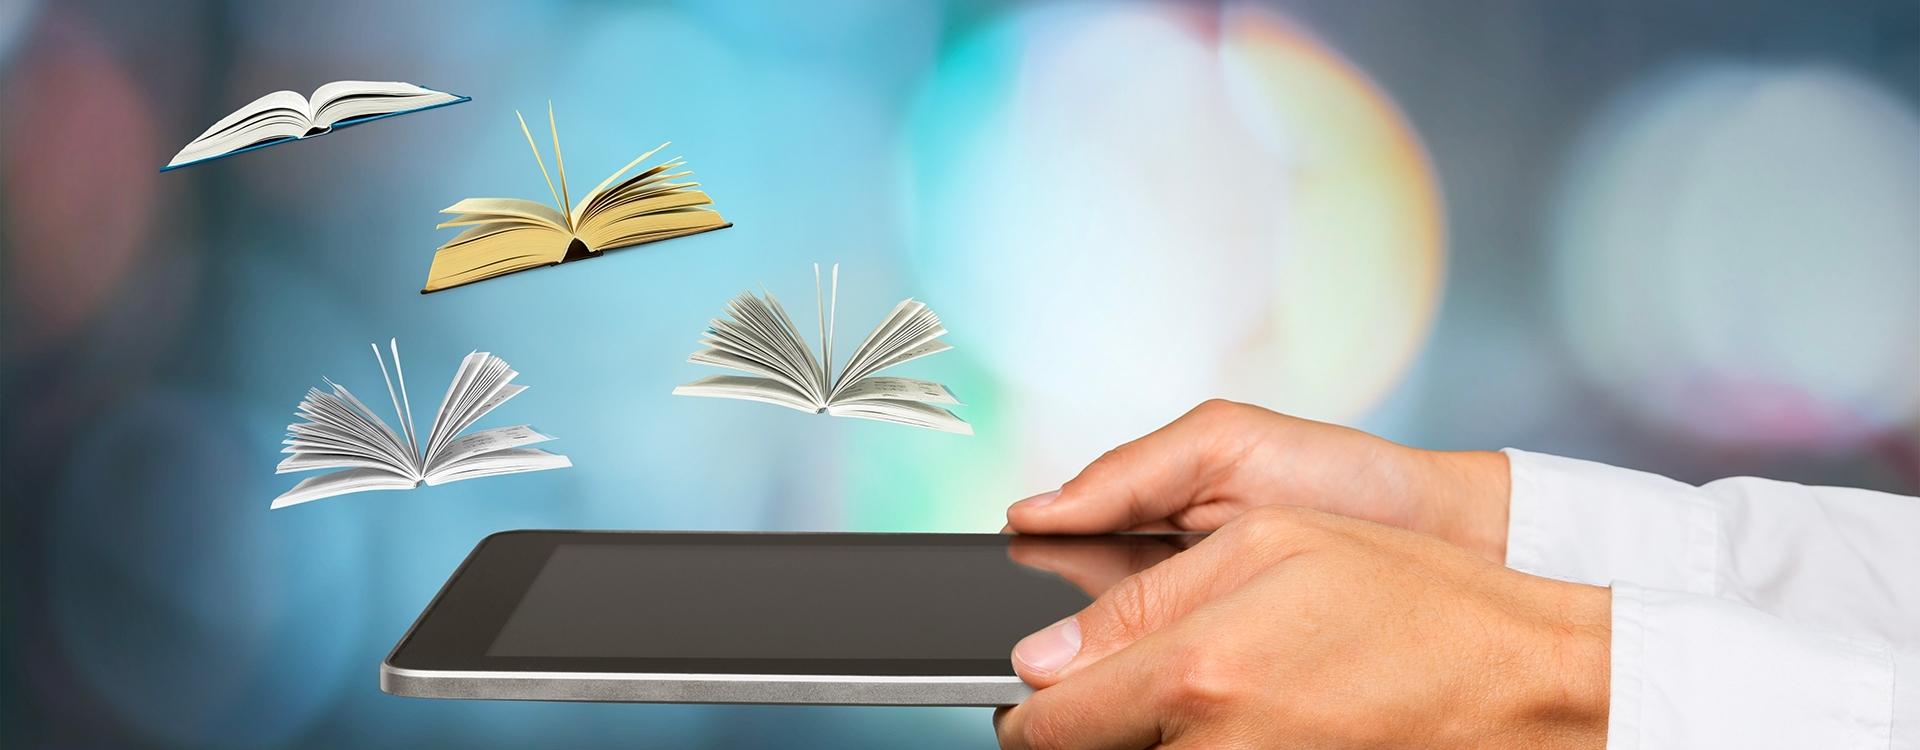 Lire un livre en moins de 20 minutes, ça vous tente ?